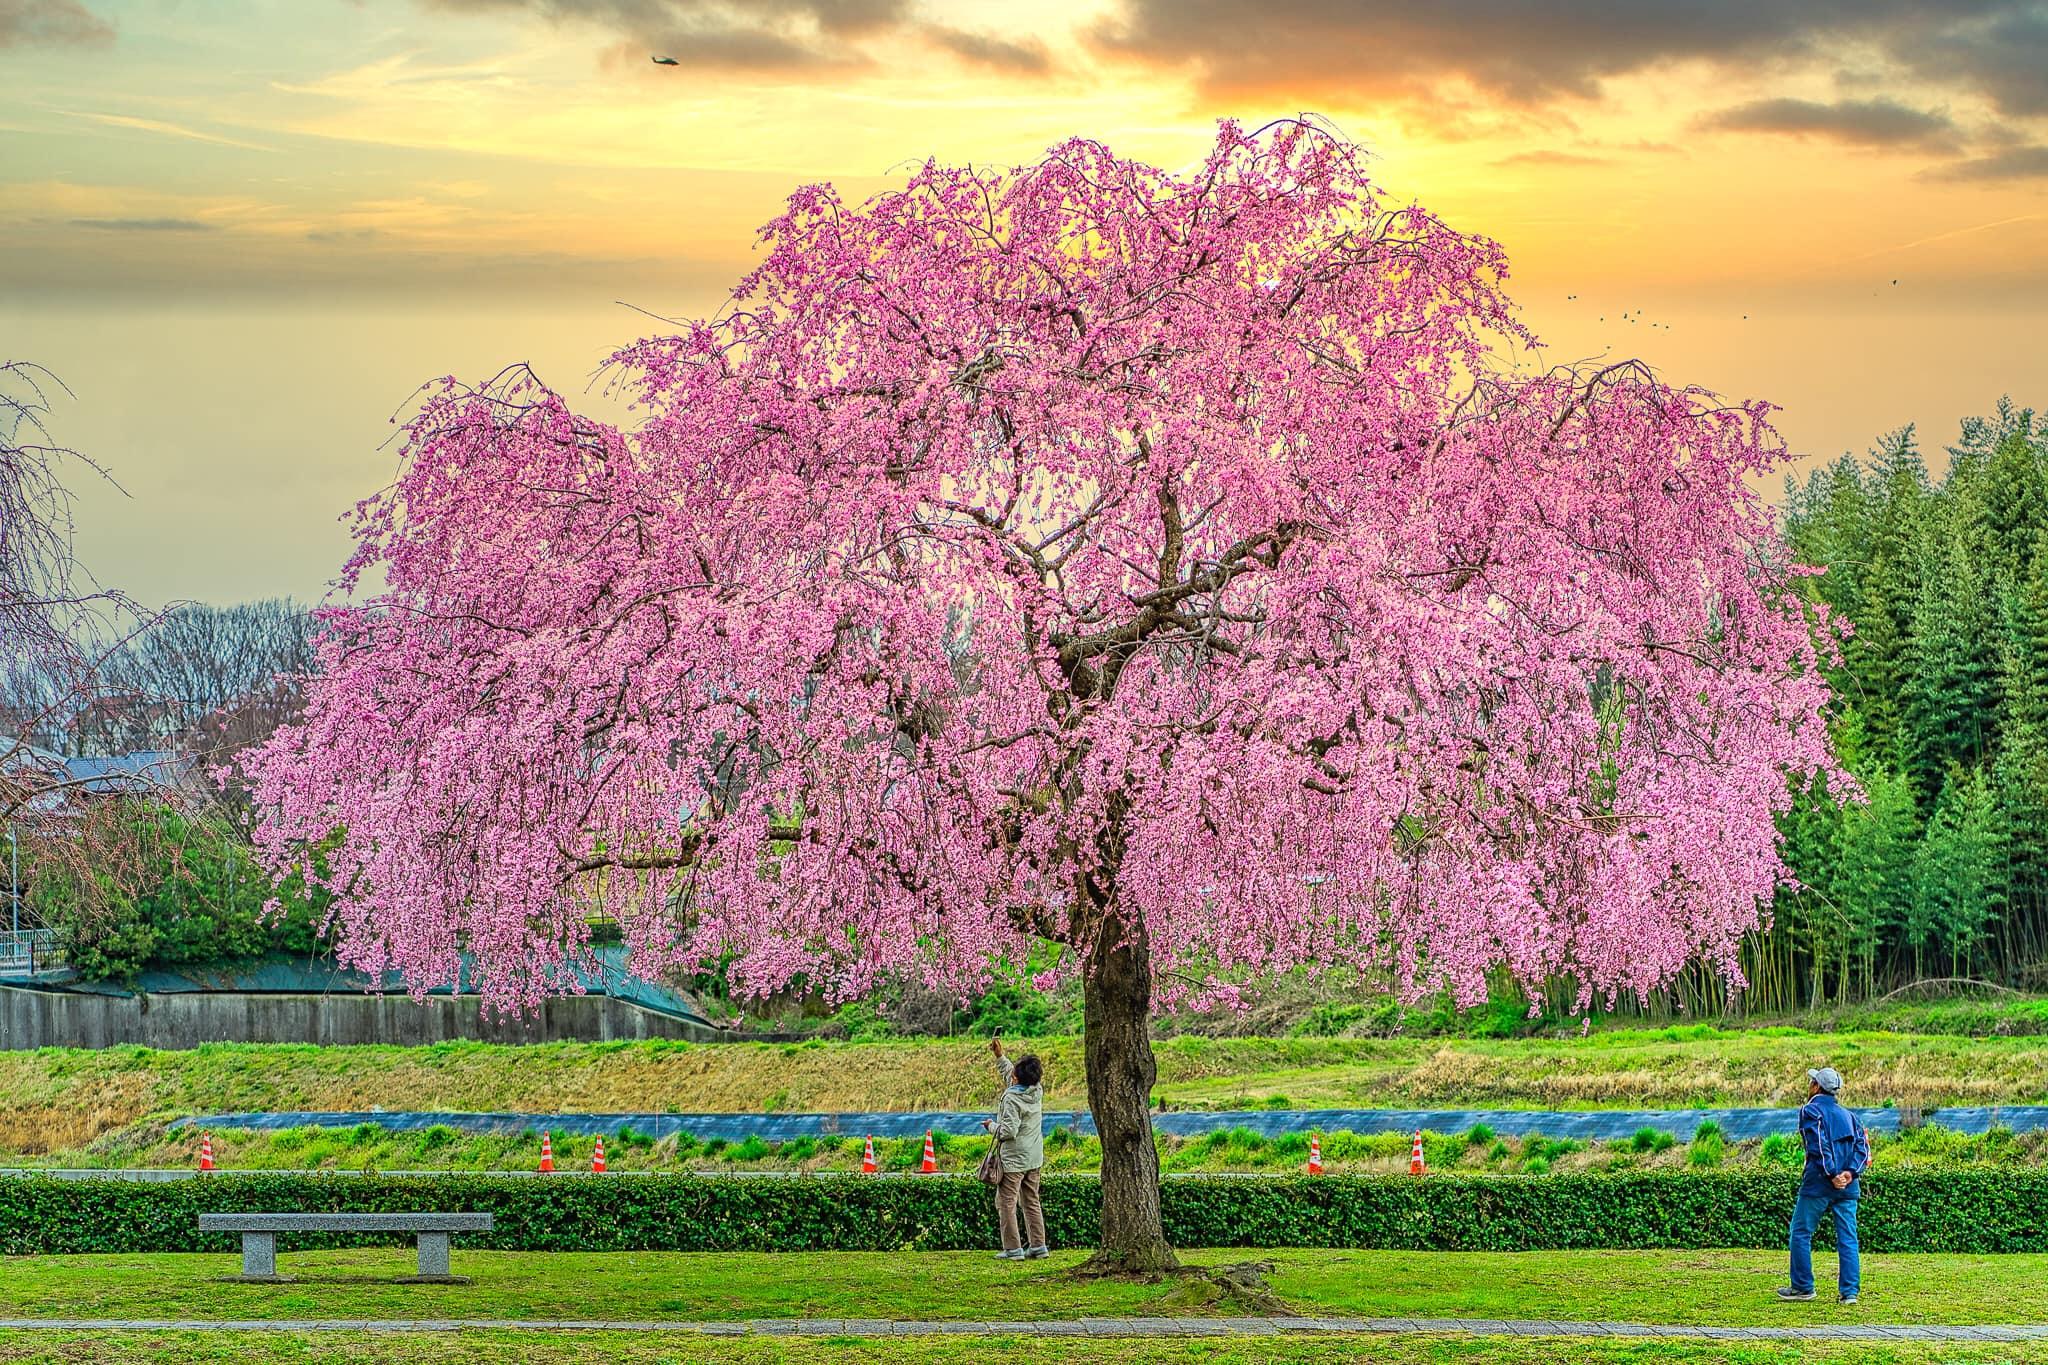 Hình ảnh mùa xuân tuyệt đẹp